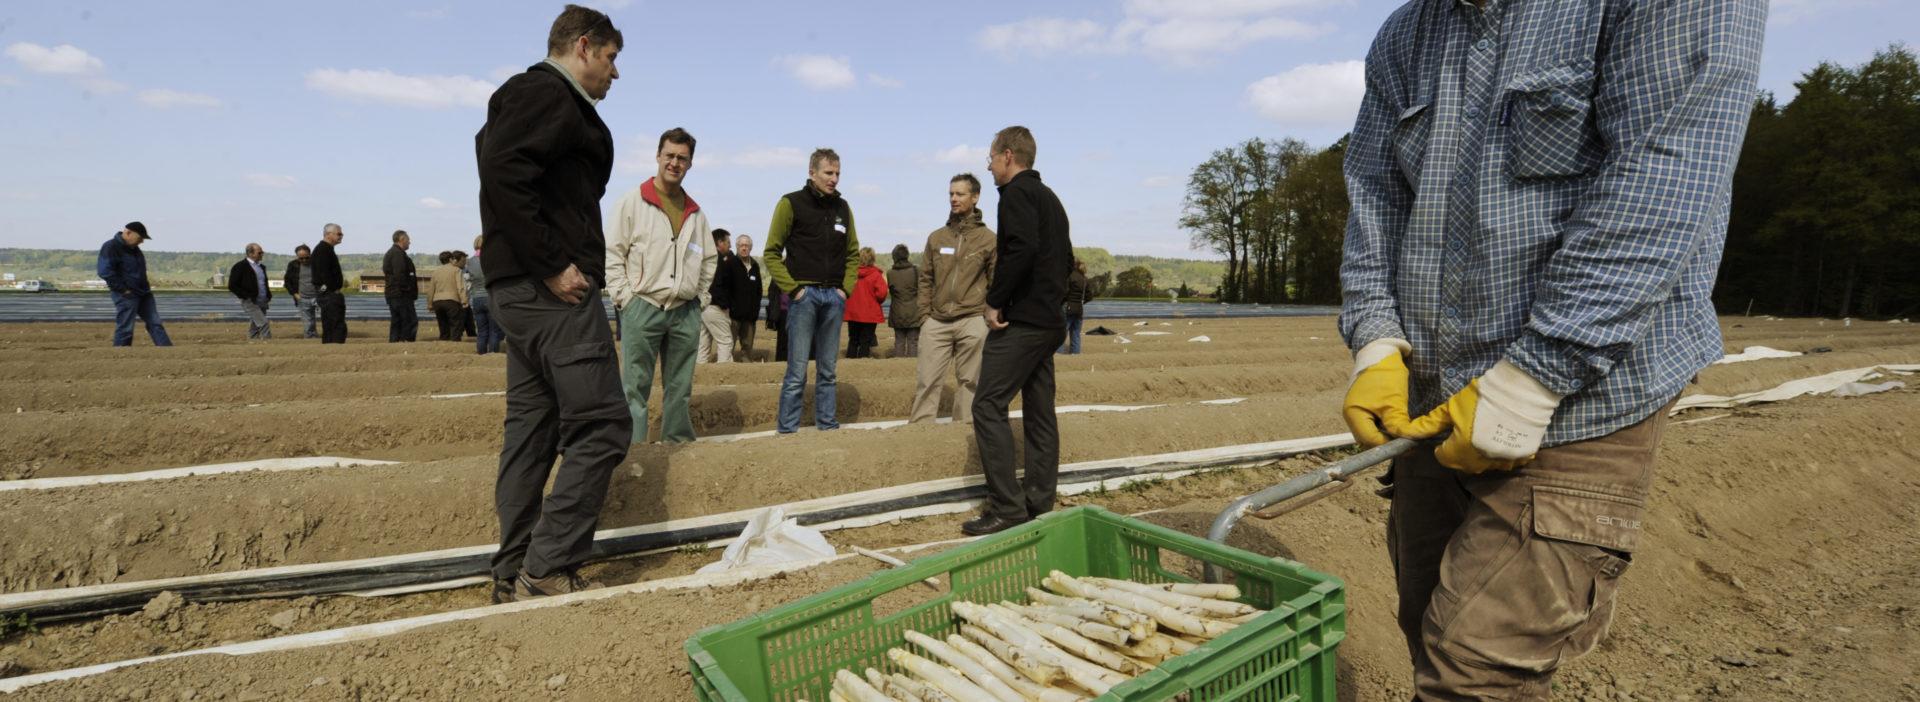 Arbeit auf dem Feld Spargel Ernte